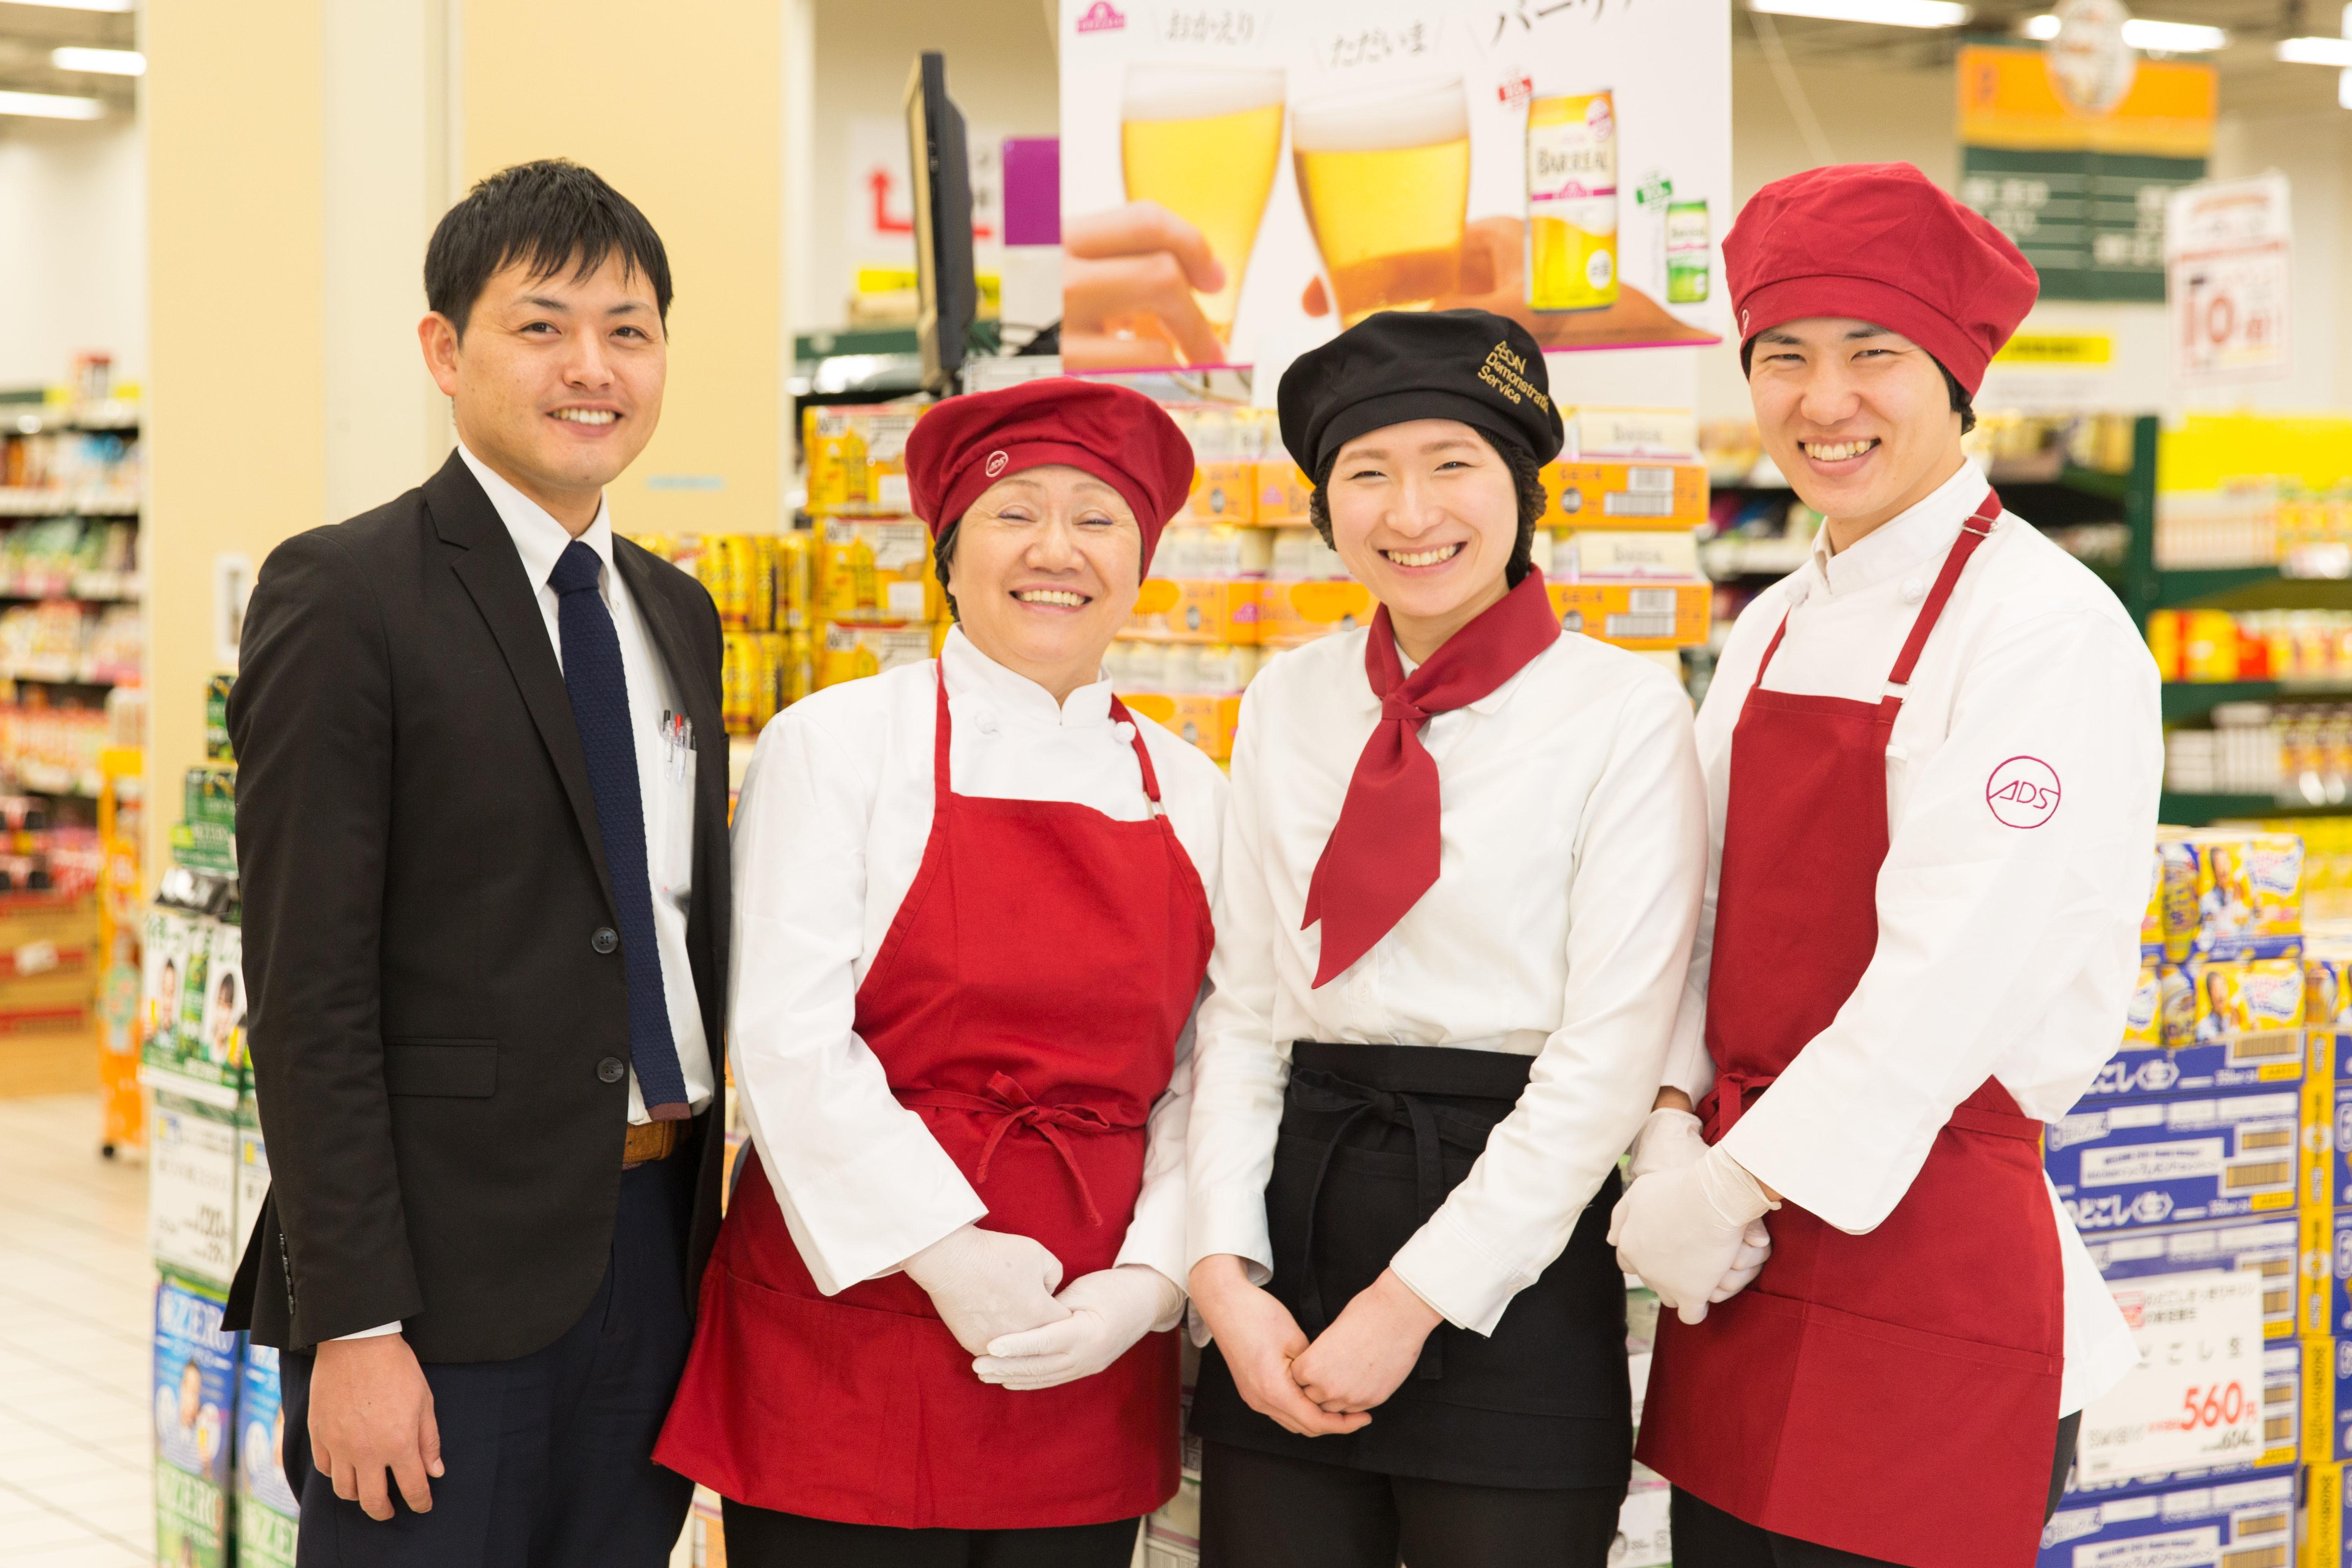 イオン 東神奈川店 のアルバイト情報